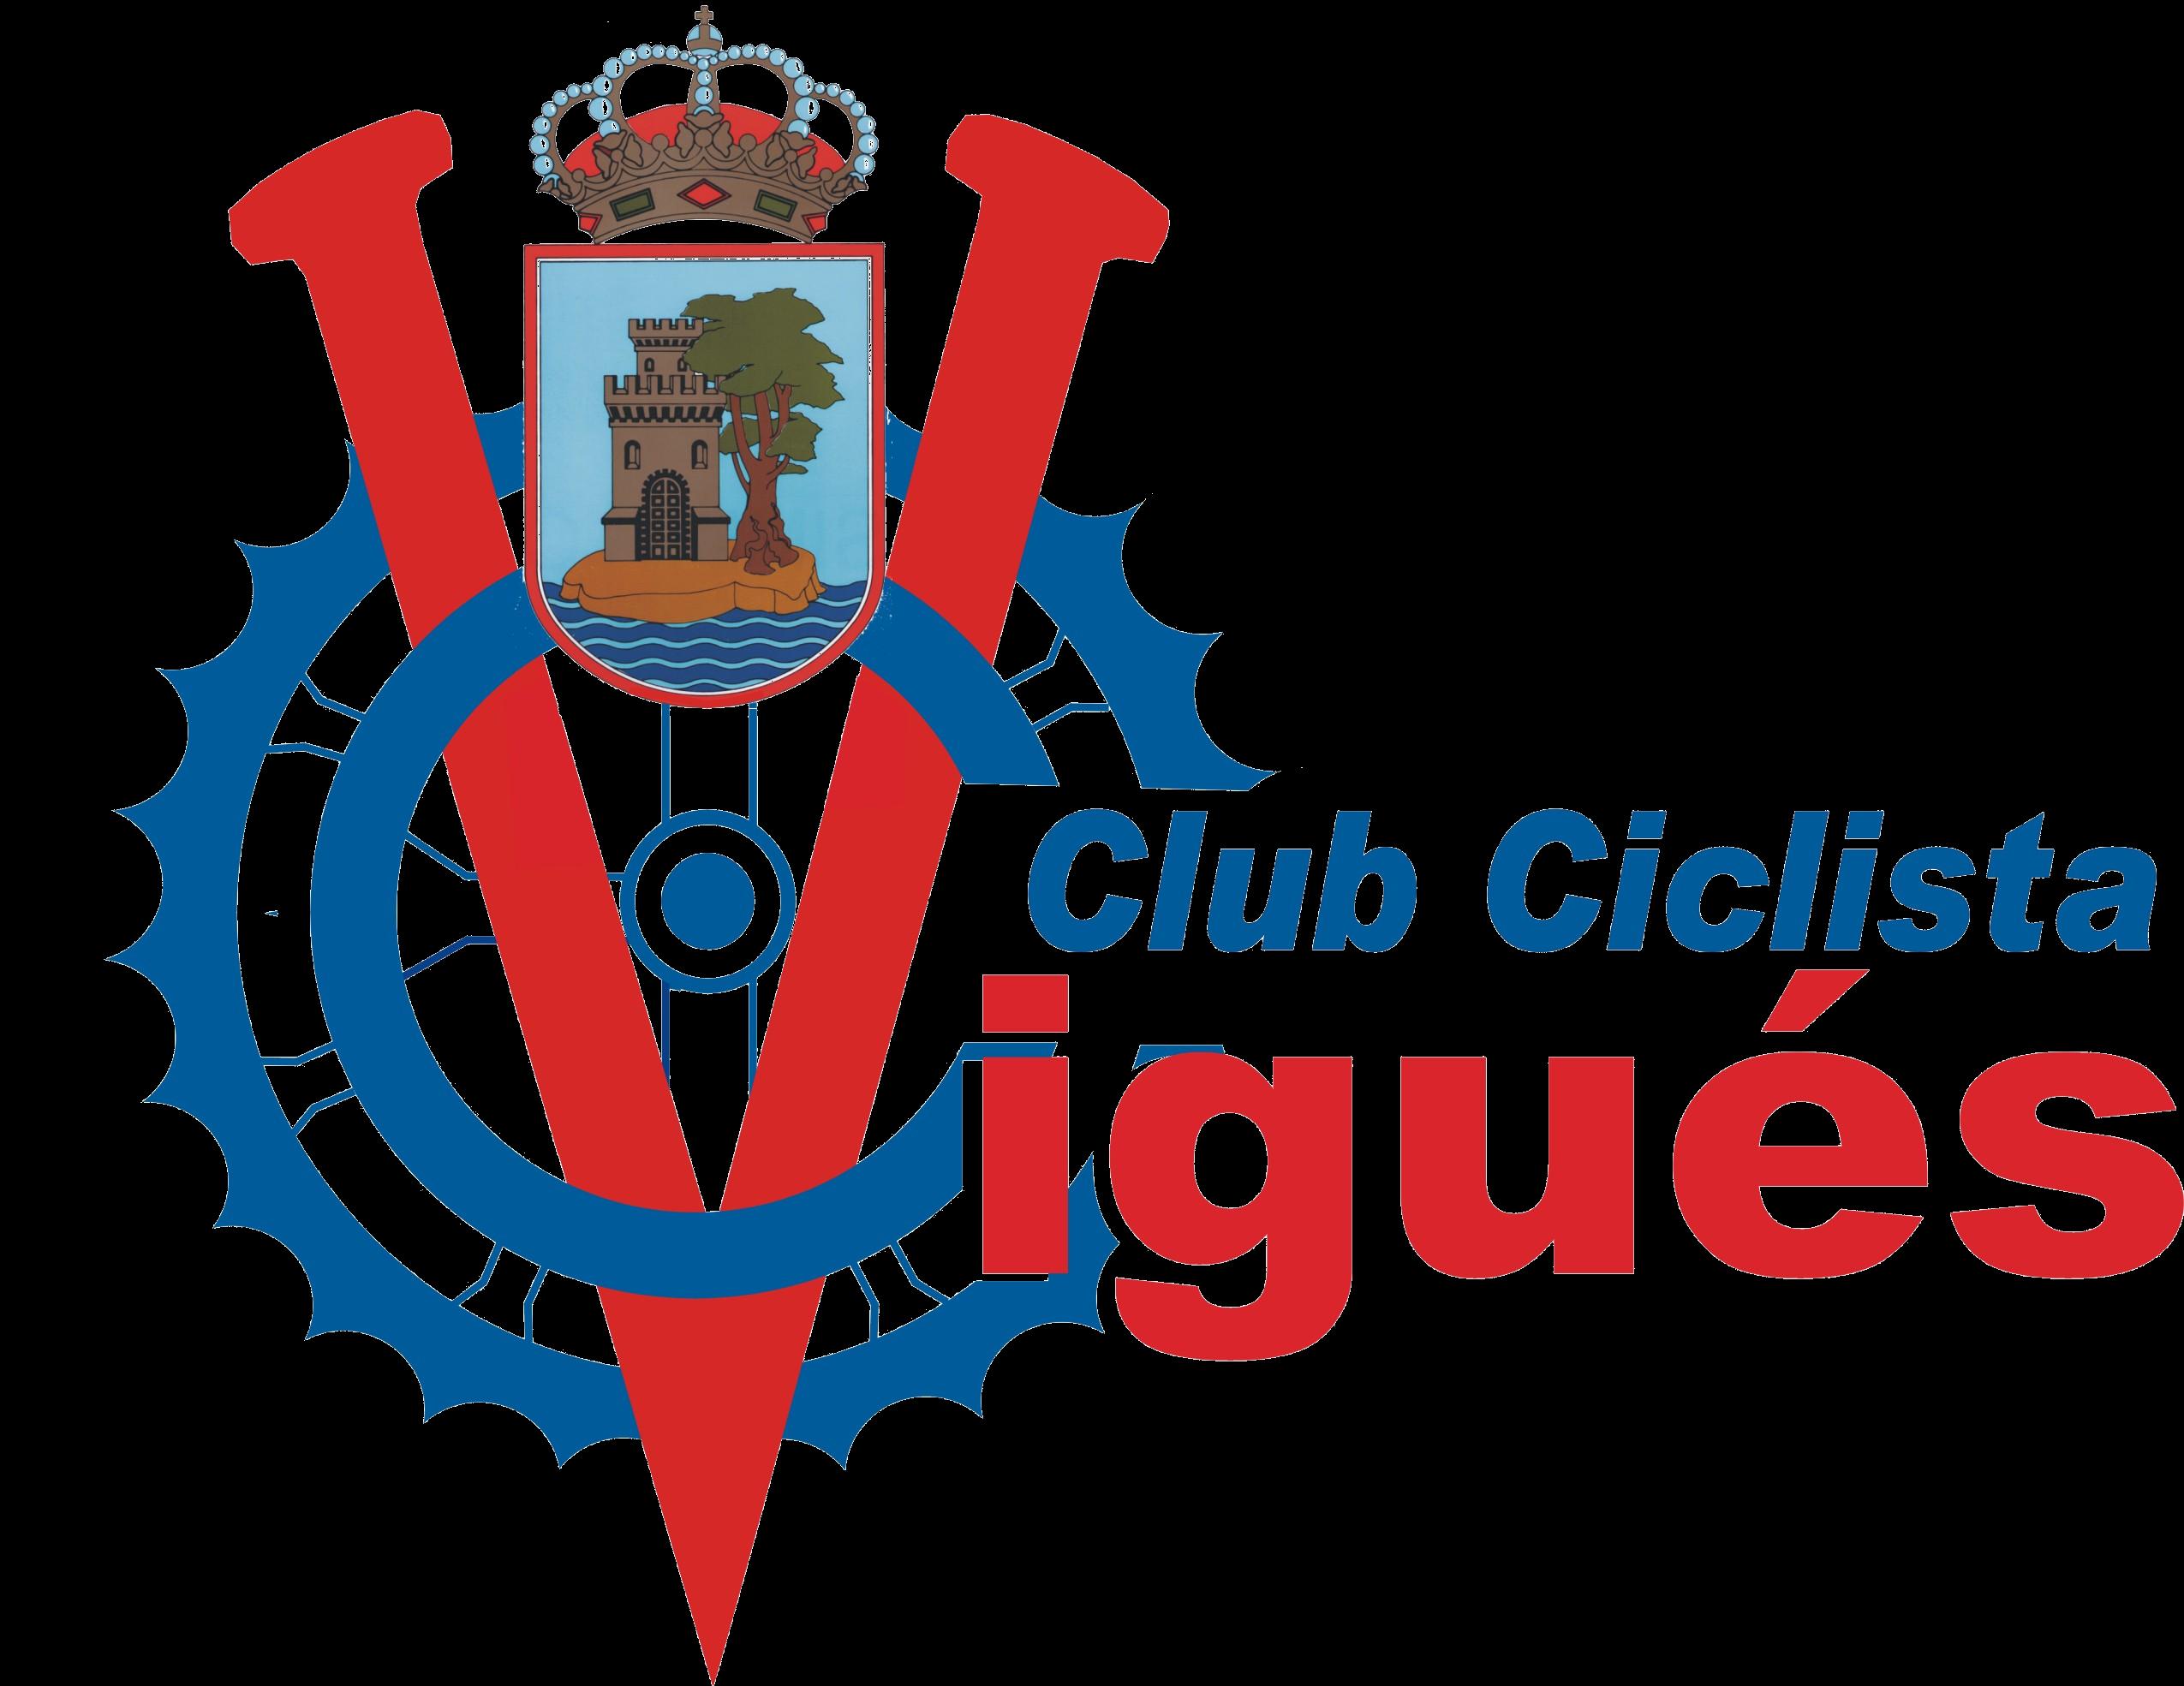 Club Ciclista Vigués